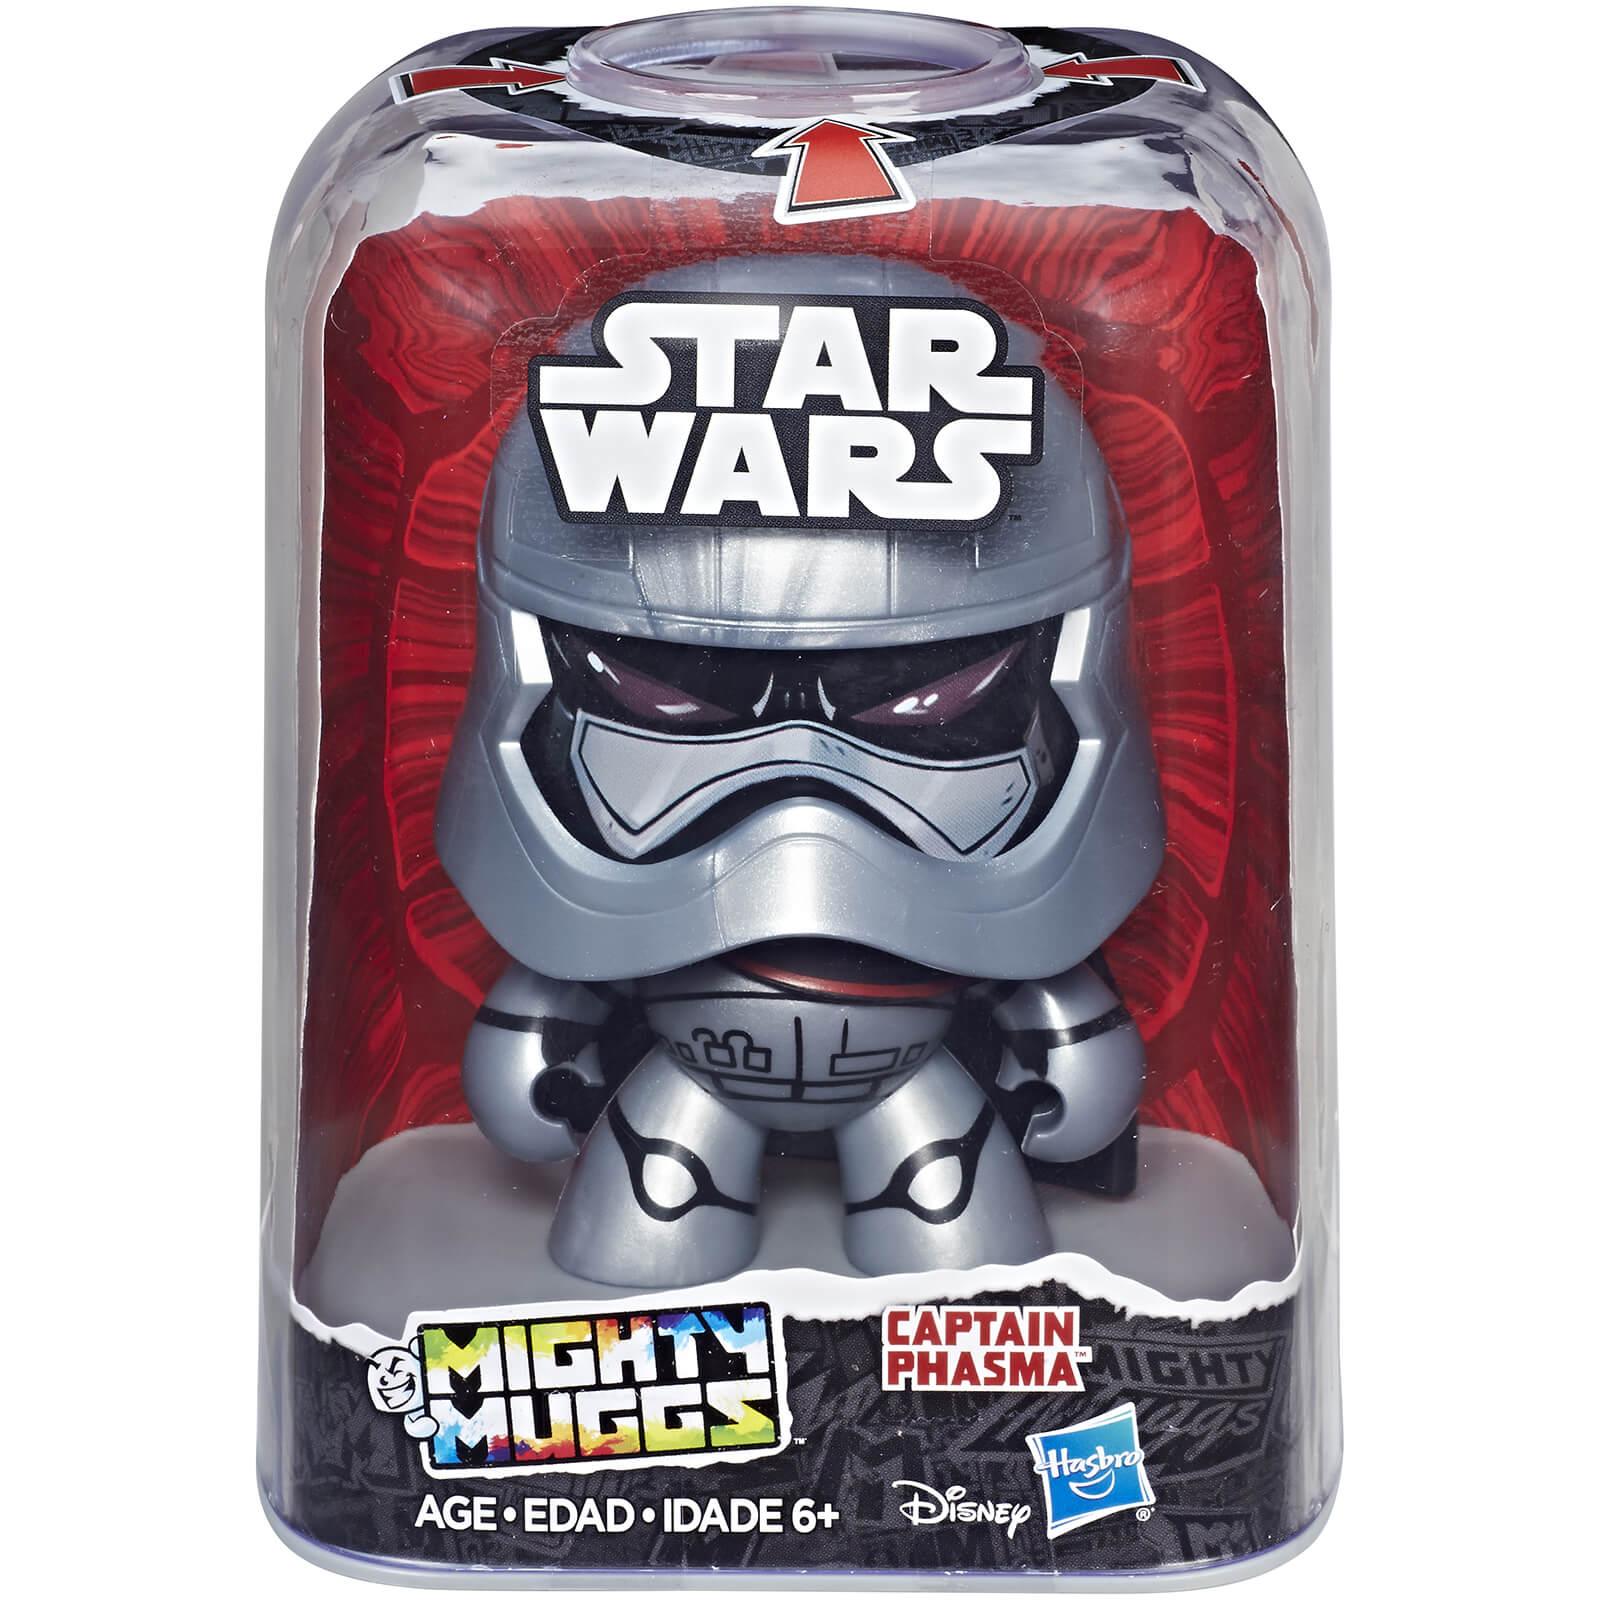 Mighty Muggs Star Wars Mighty Muggs - Phasma